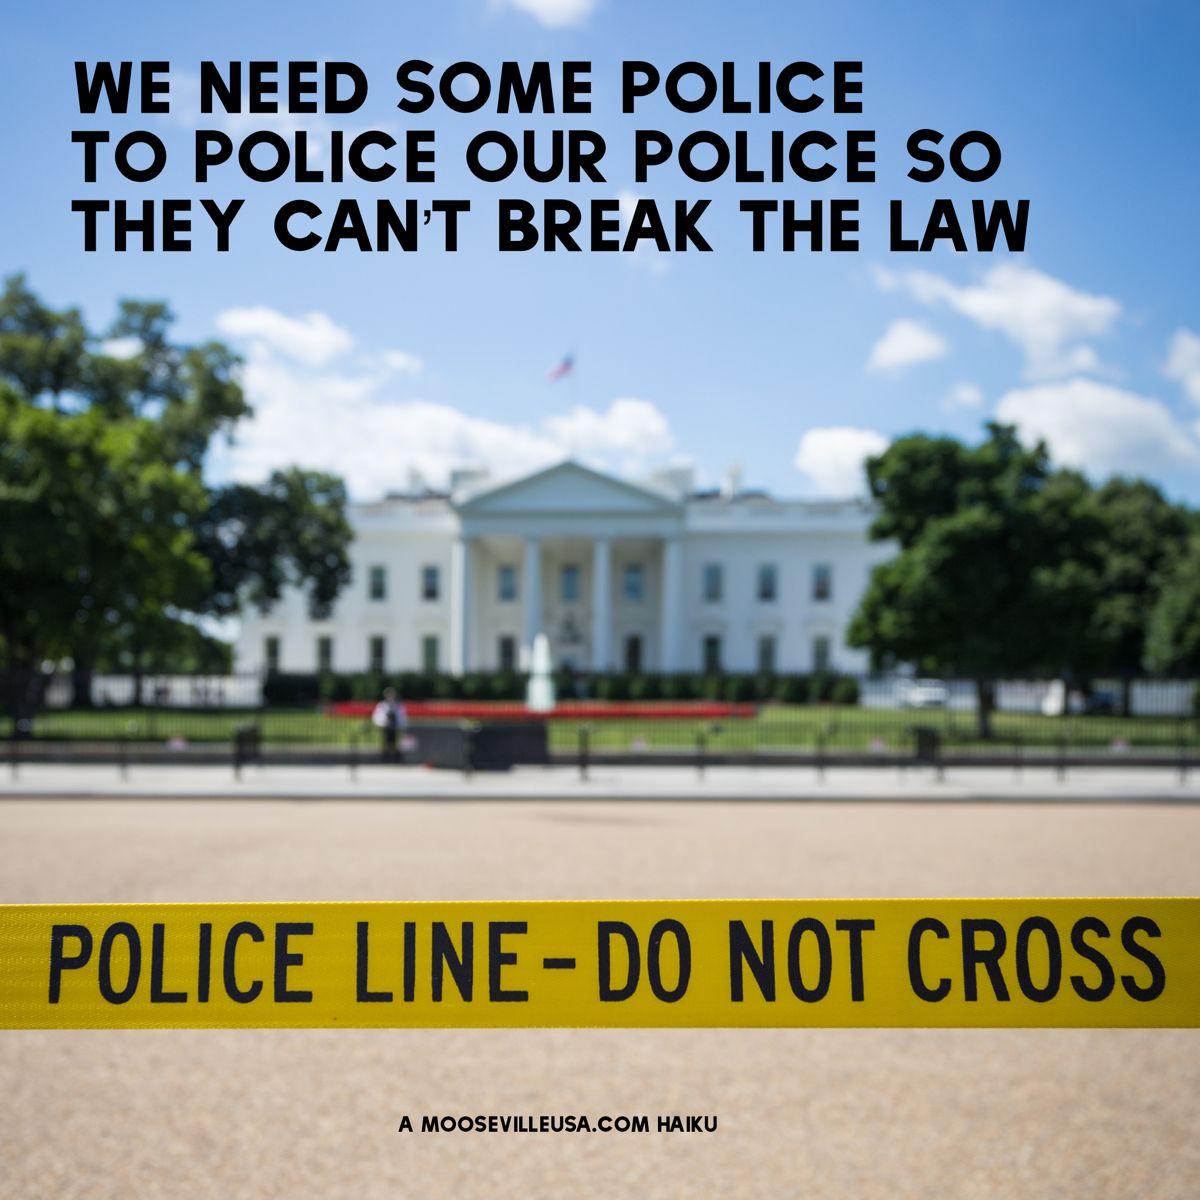 Too Many Police 6 5 20 Moosetylerhaikus Moosevillehaikus Haikus Poem Poetry Haiku Police Poems